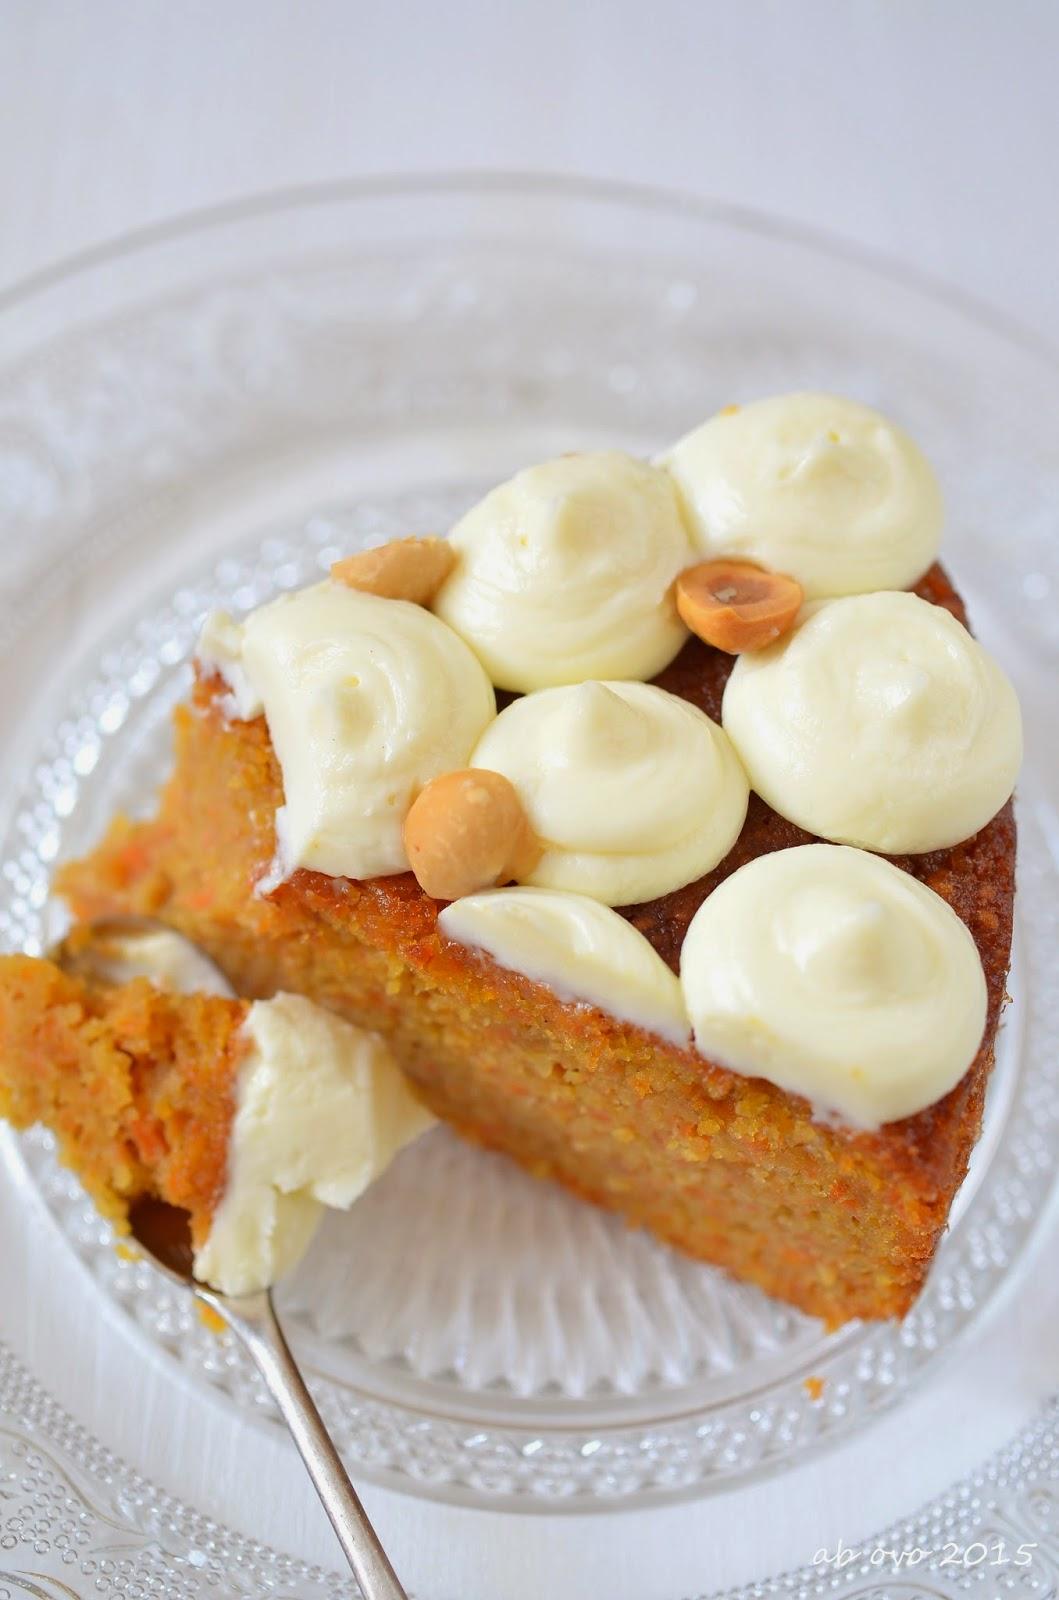 Torta-di-carote-e-nocciole-Carrot-cake